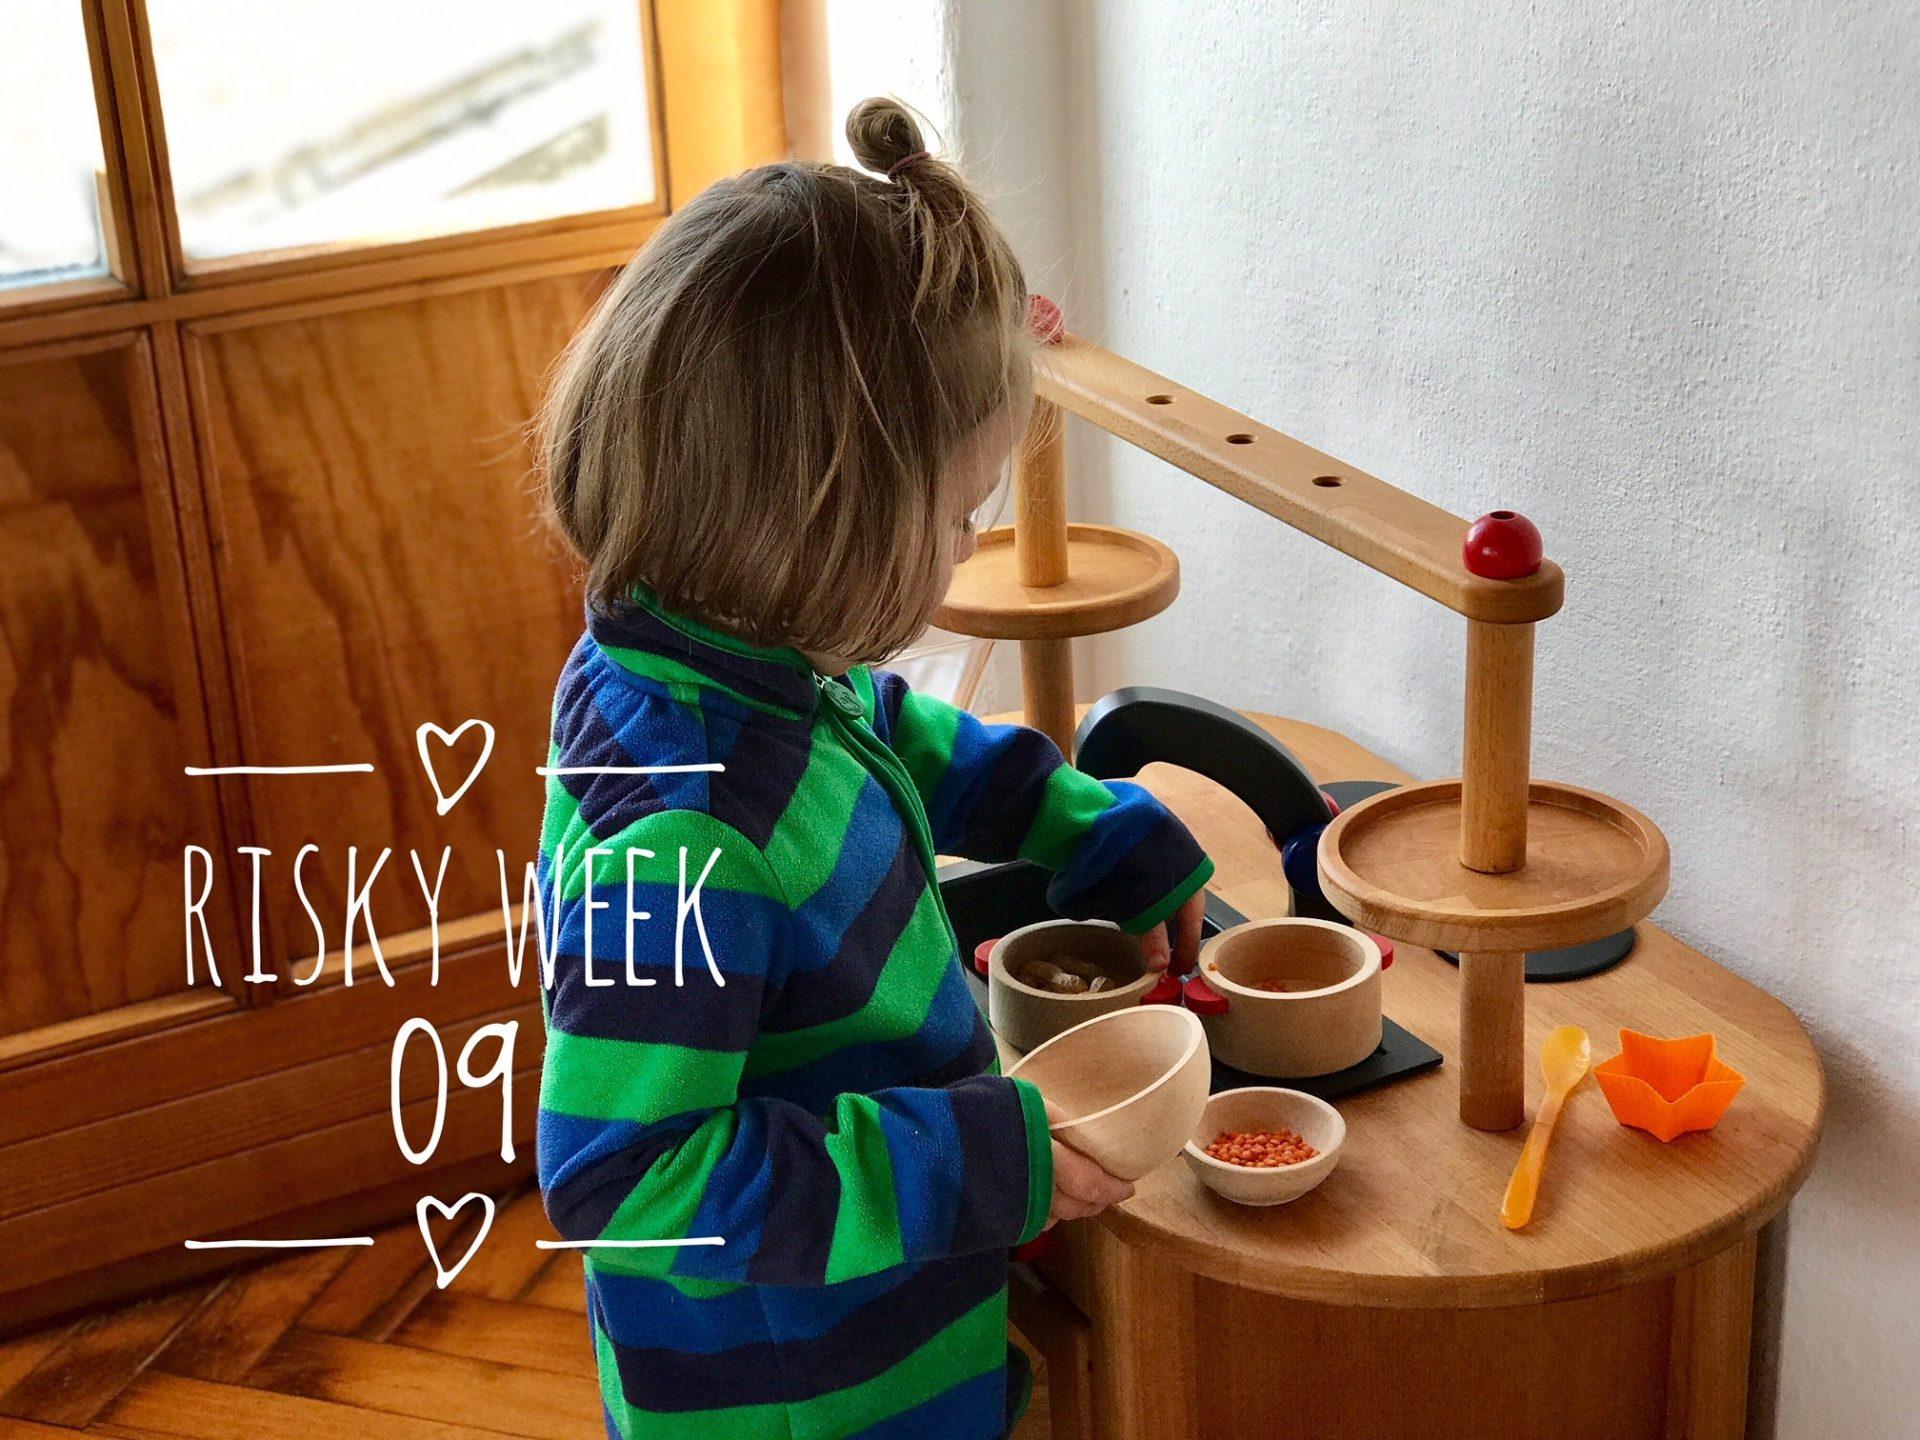 Risky Week 09 – Merlin mit seiner neuen alten Spielküche